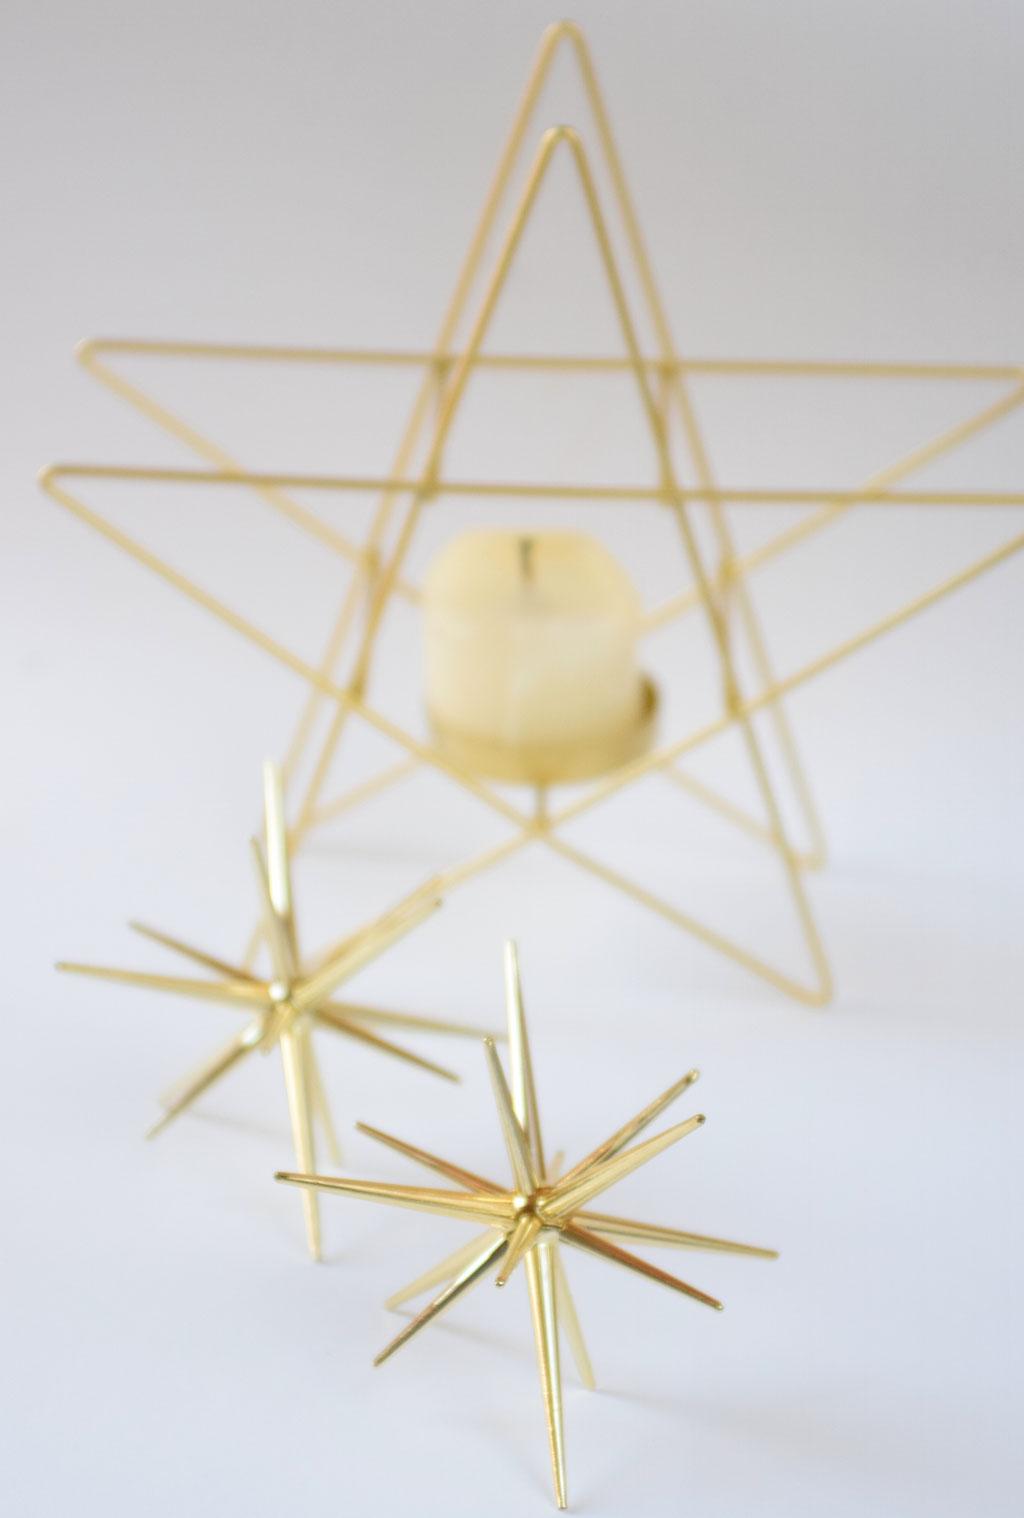 Goldene Highlights für weihnachtliche Dekoration mit Sternen und Kerzen.